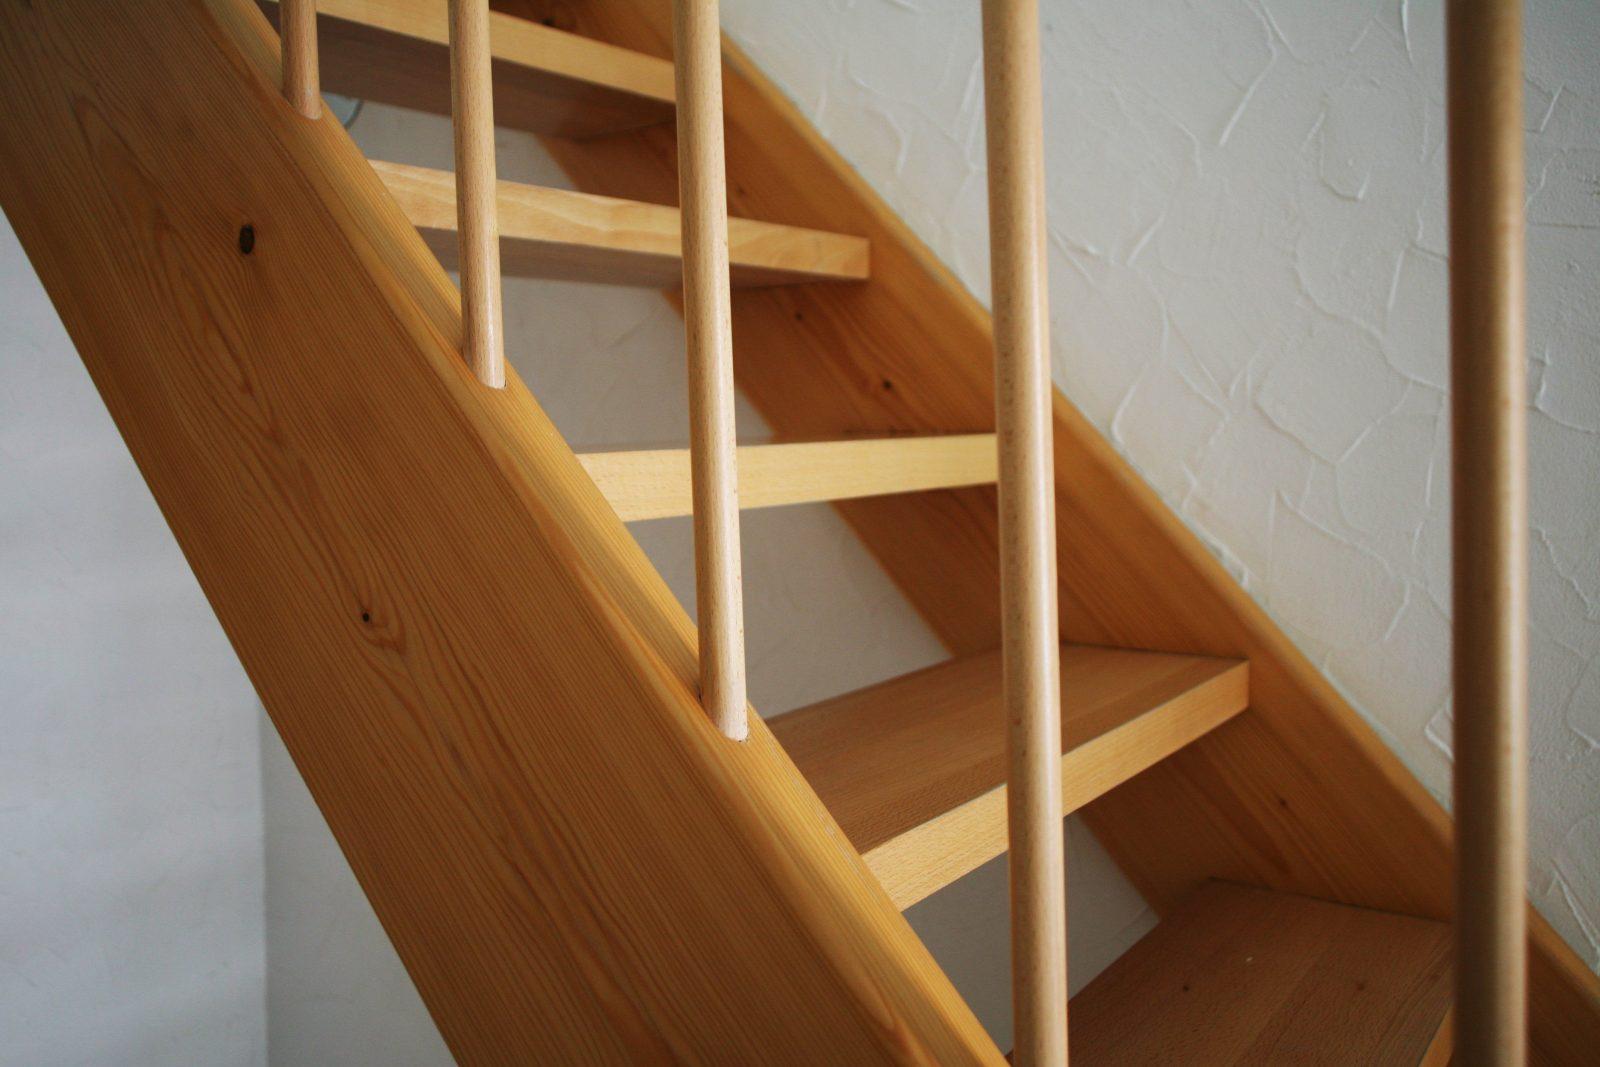 Gefahren Entfernen Kindersicherung Für Treppen von Kindersicherung Treppe Selber Bauen Photo